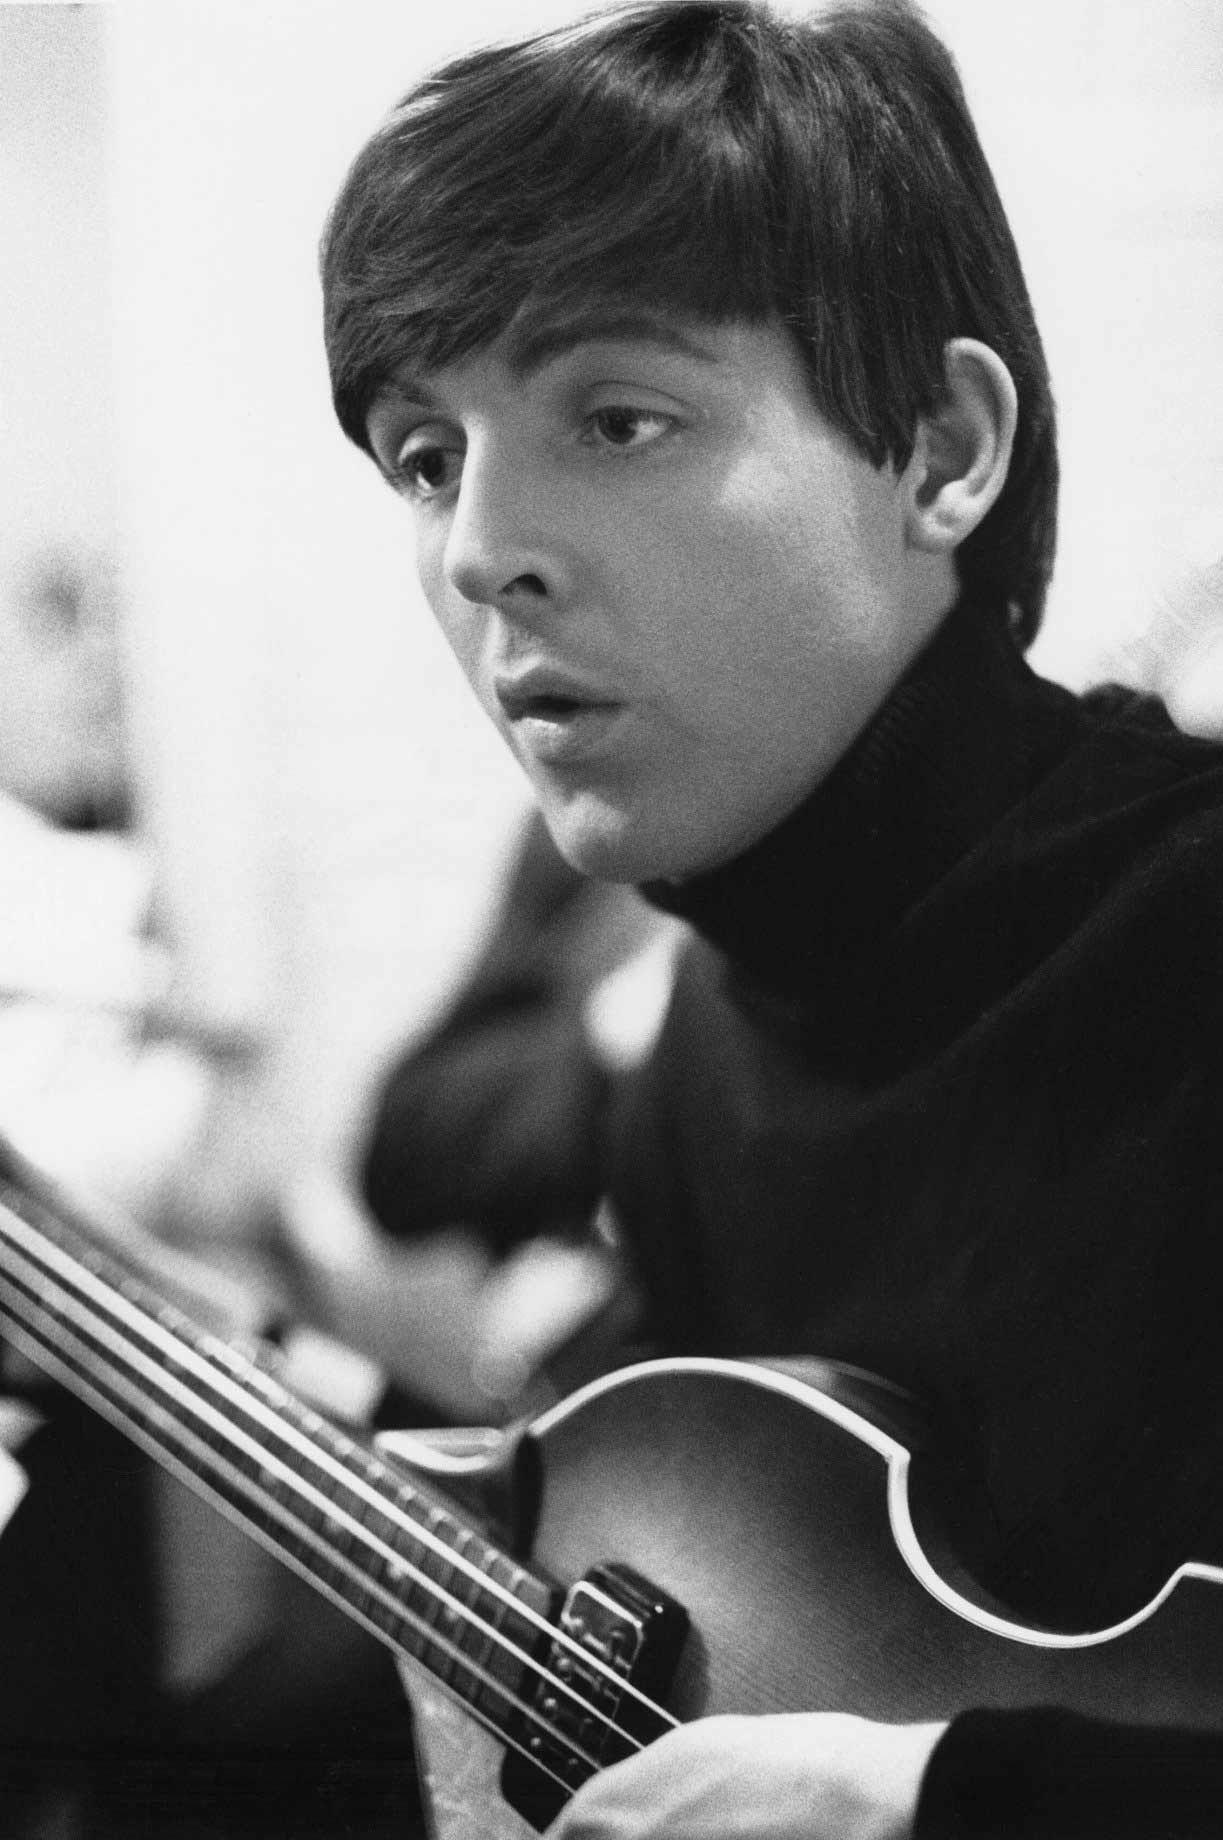 Paul McCartney | The Swingin' Sixties 2 | Pinterest | Paul ...